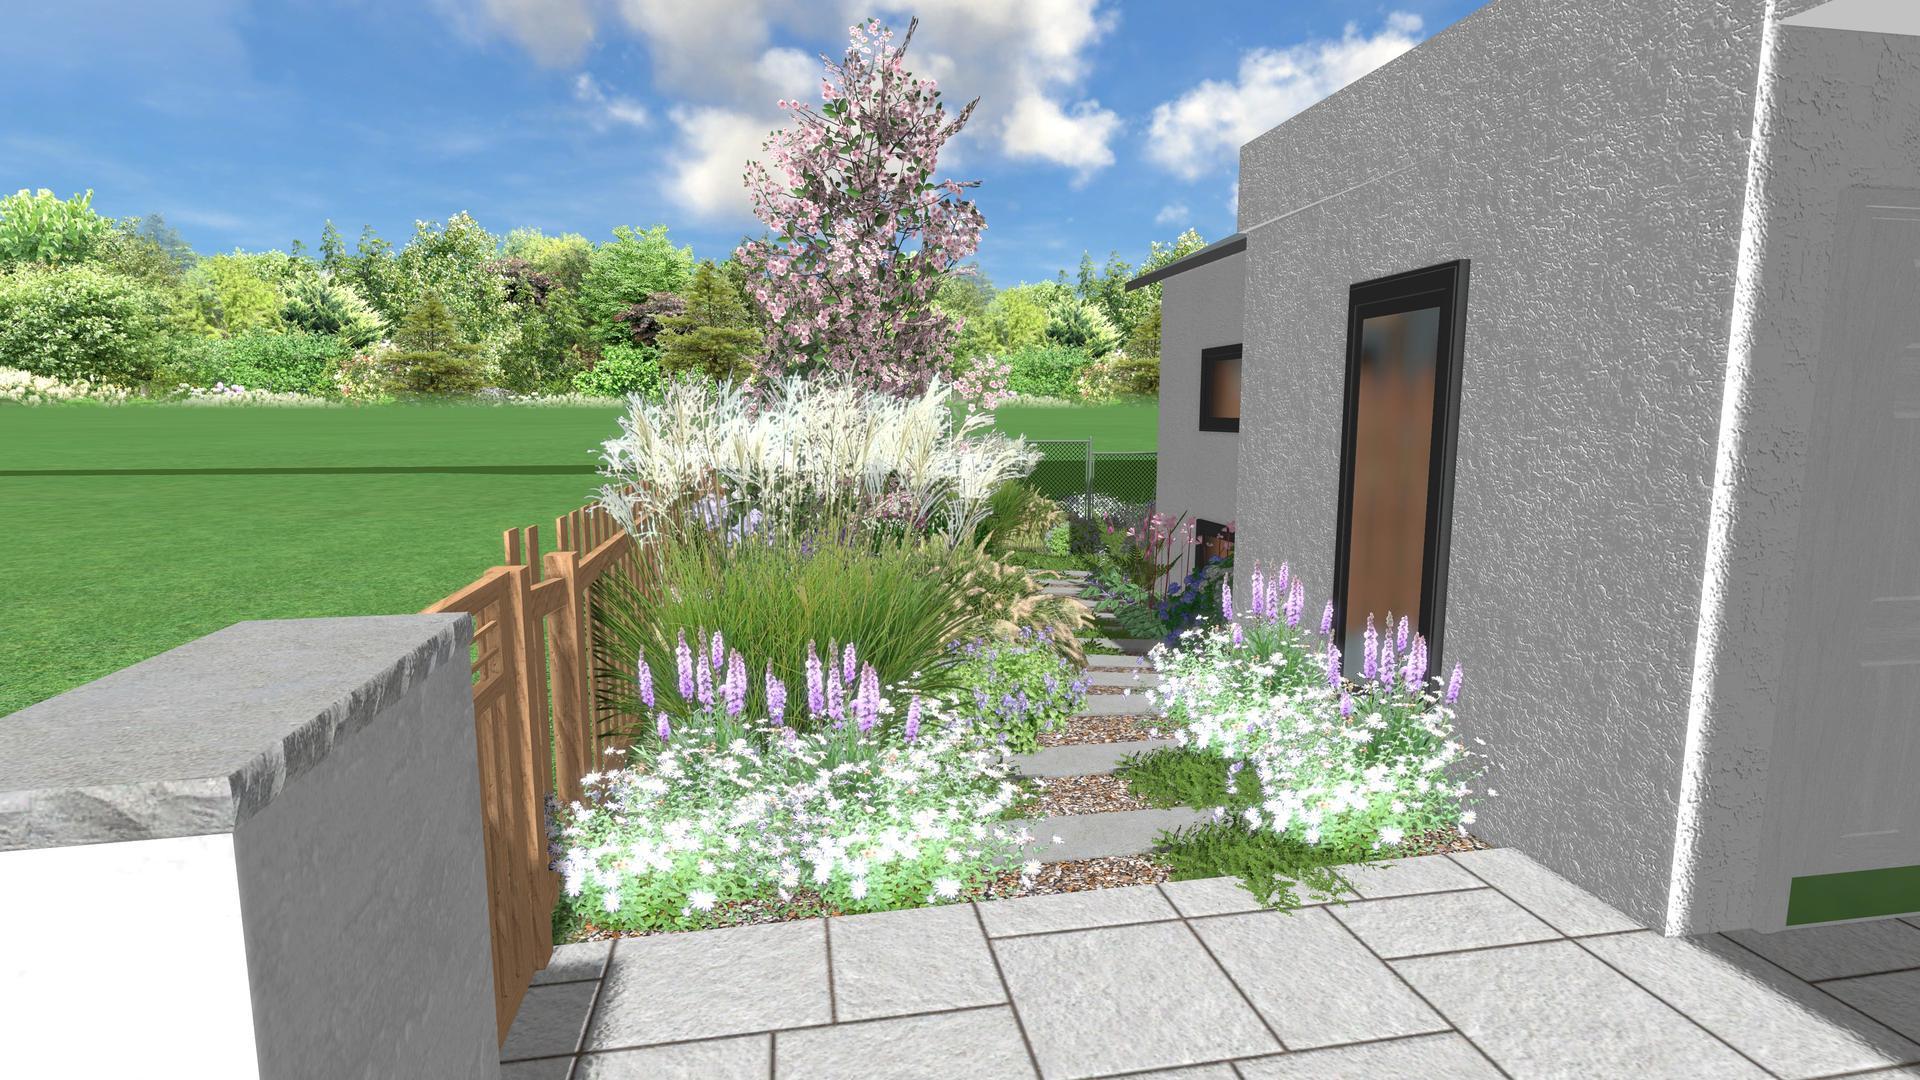 Začínáme se zahradou - Pred domem